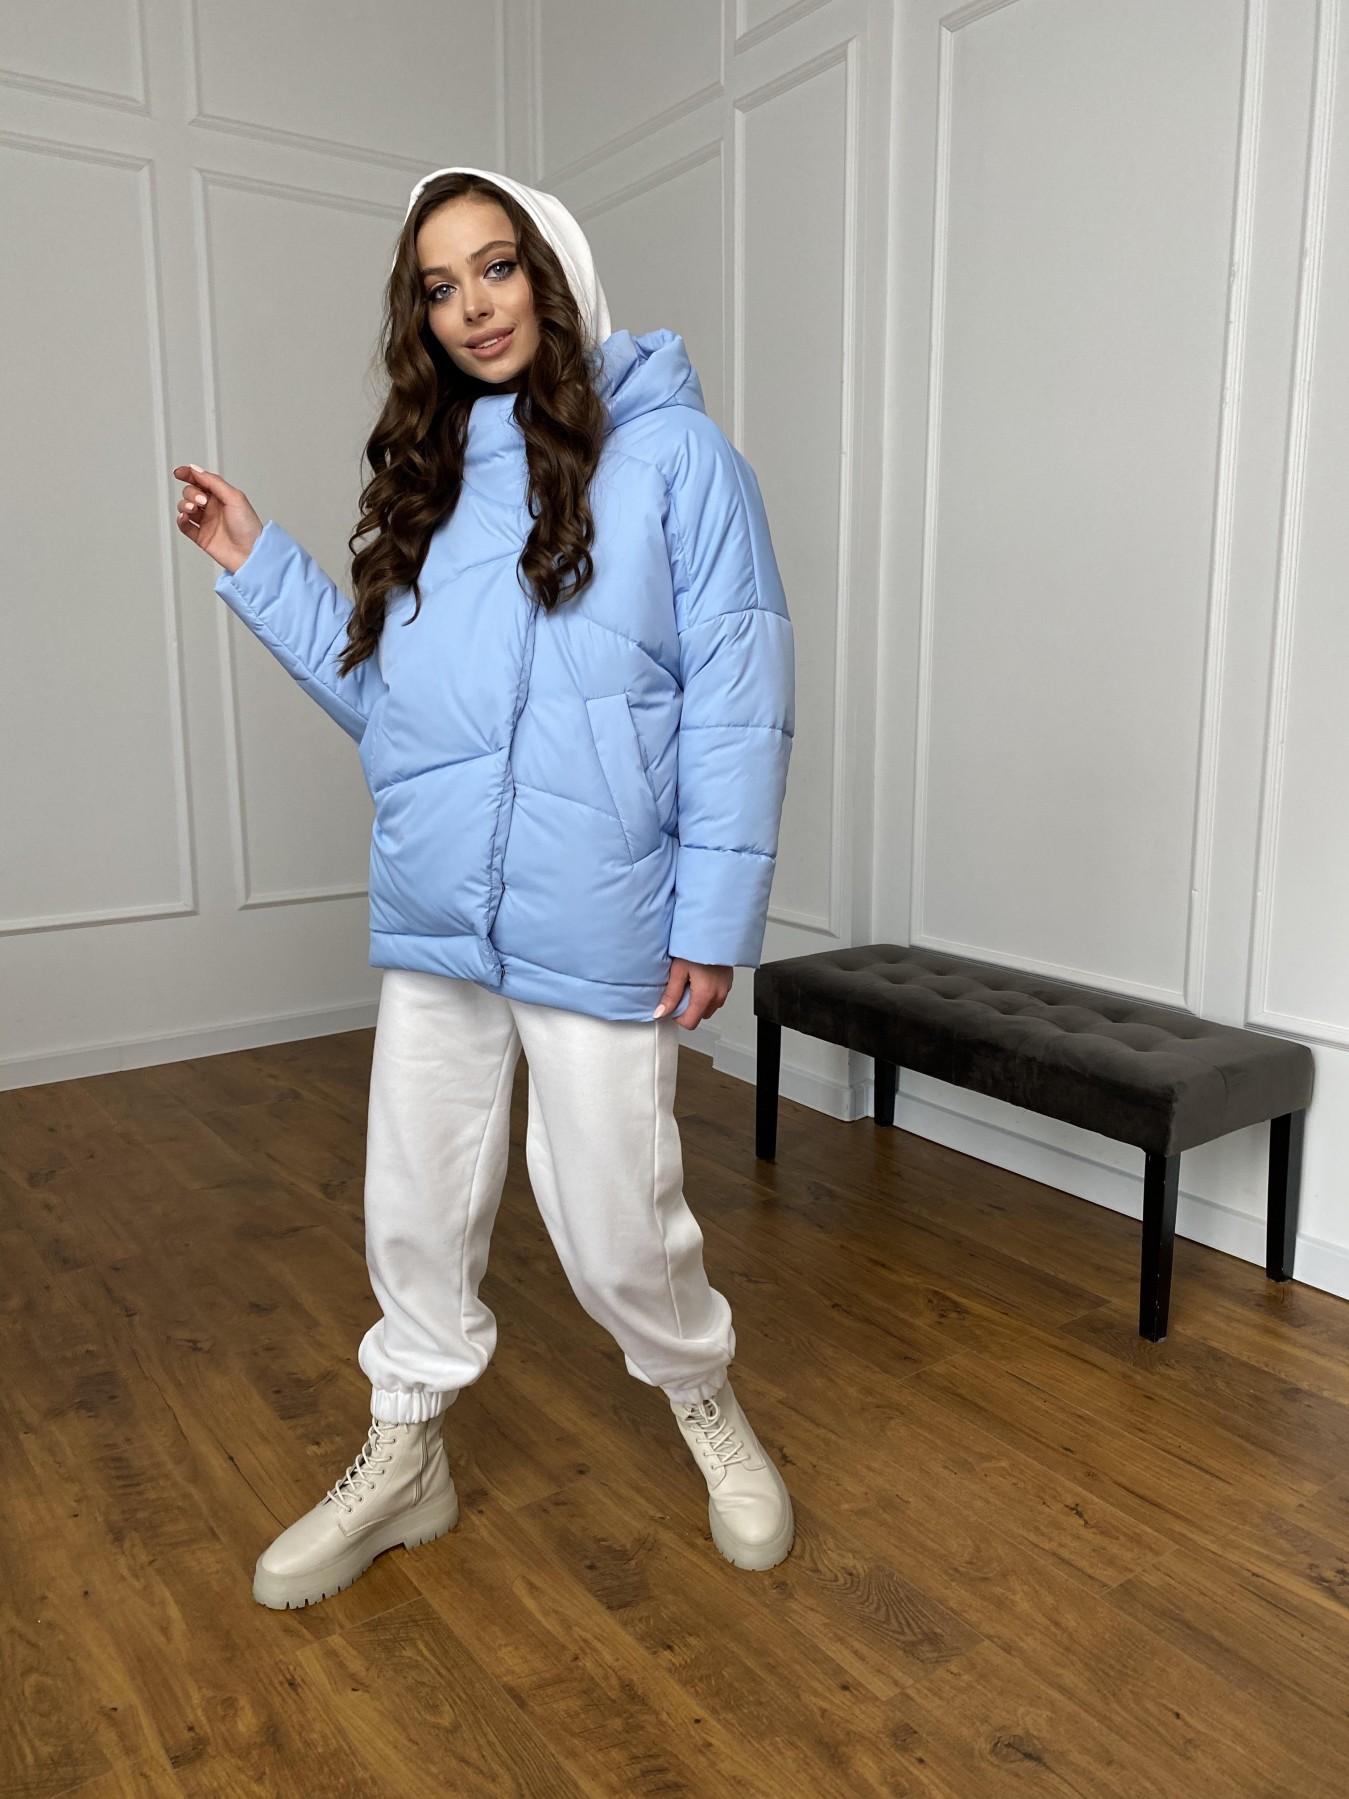 Уно куртка плащевка Ammy 10671 АРТ. 47398 Цвет: Голубой - фото 1, интернет магазин tm-modus.ru